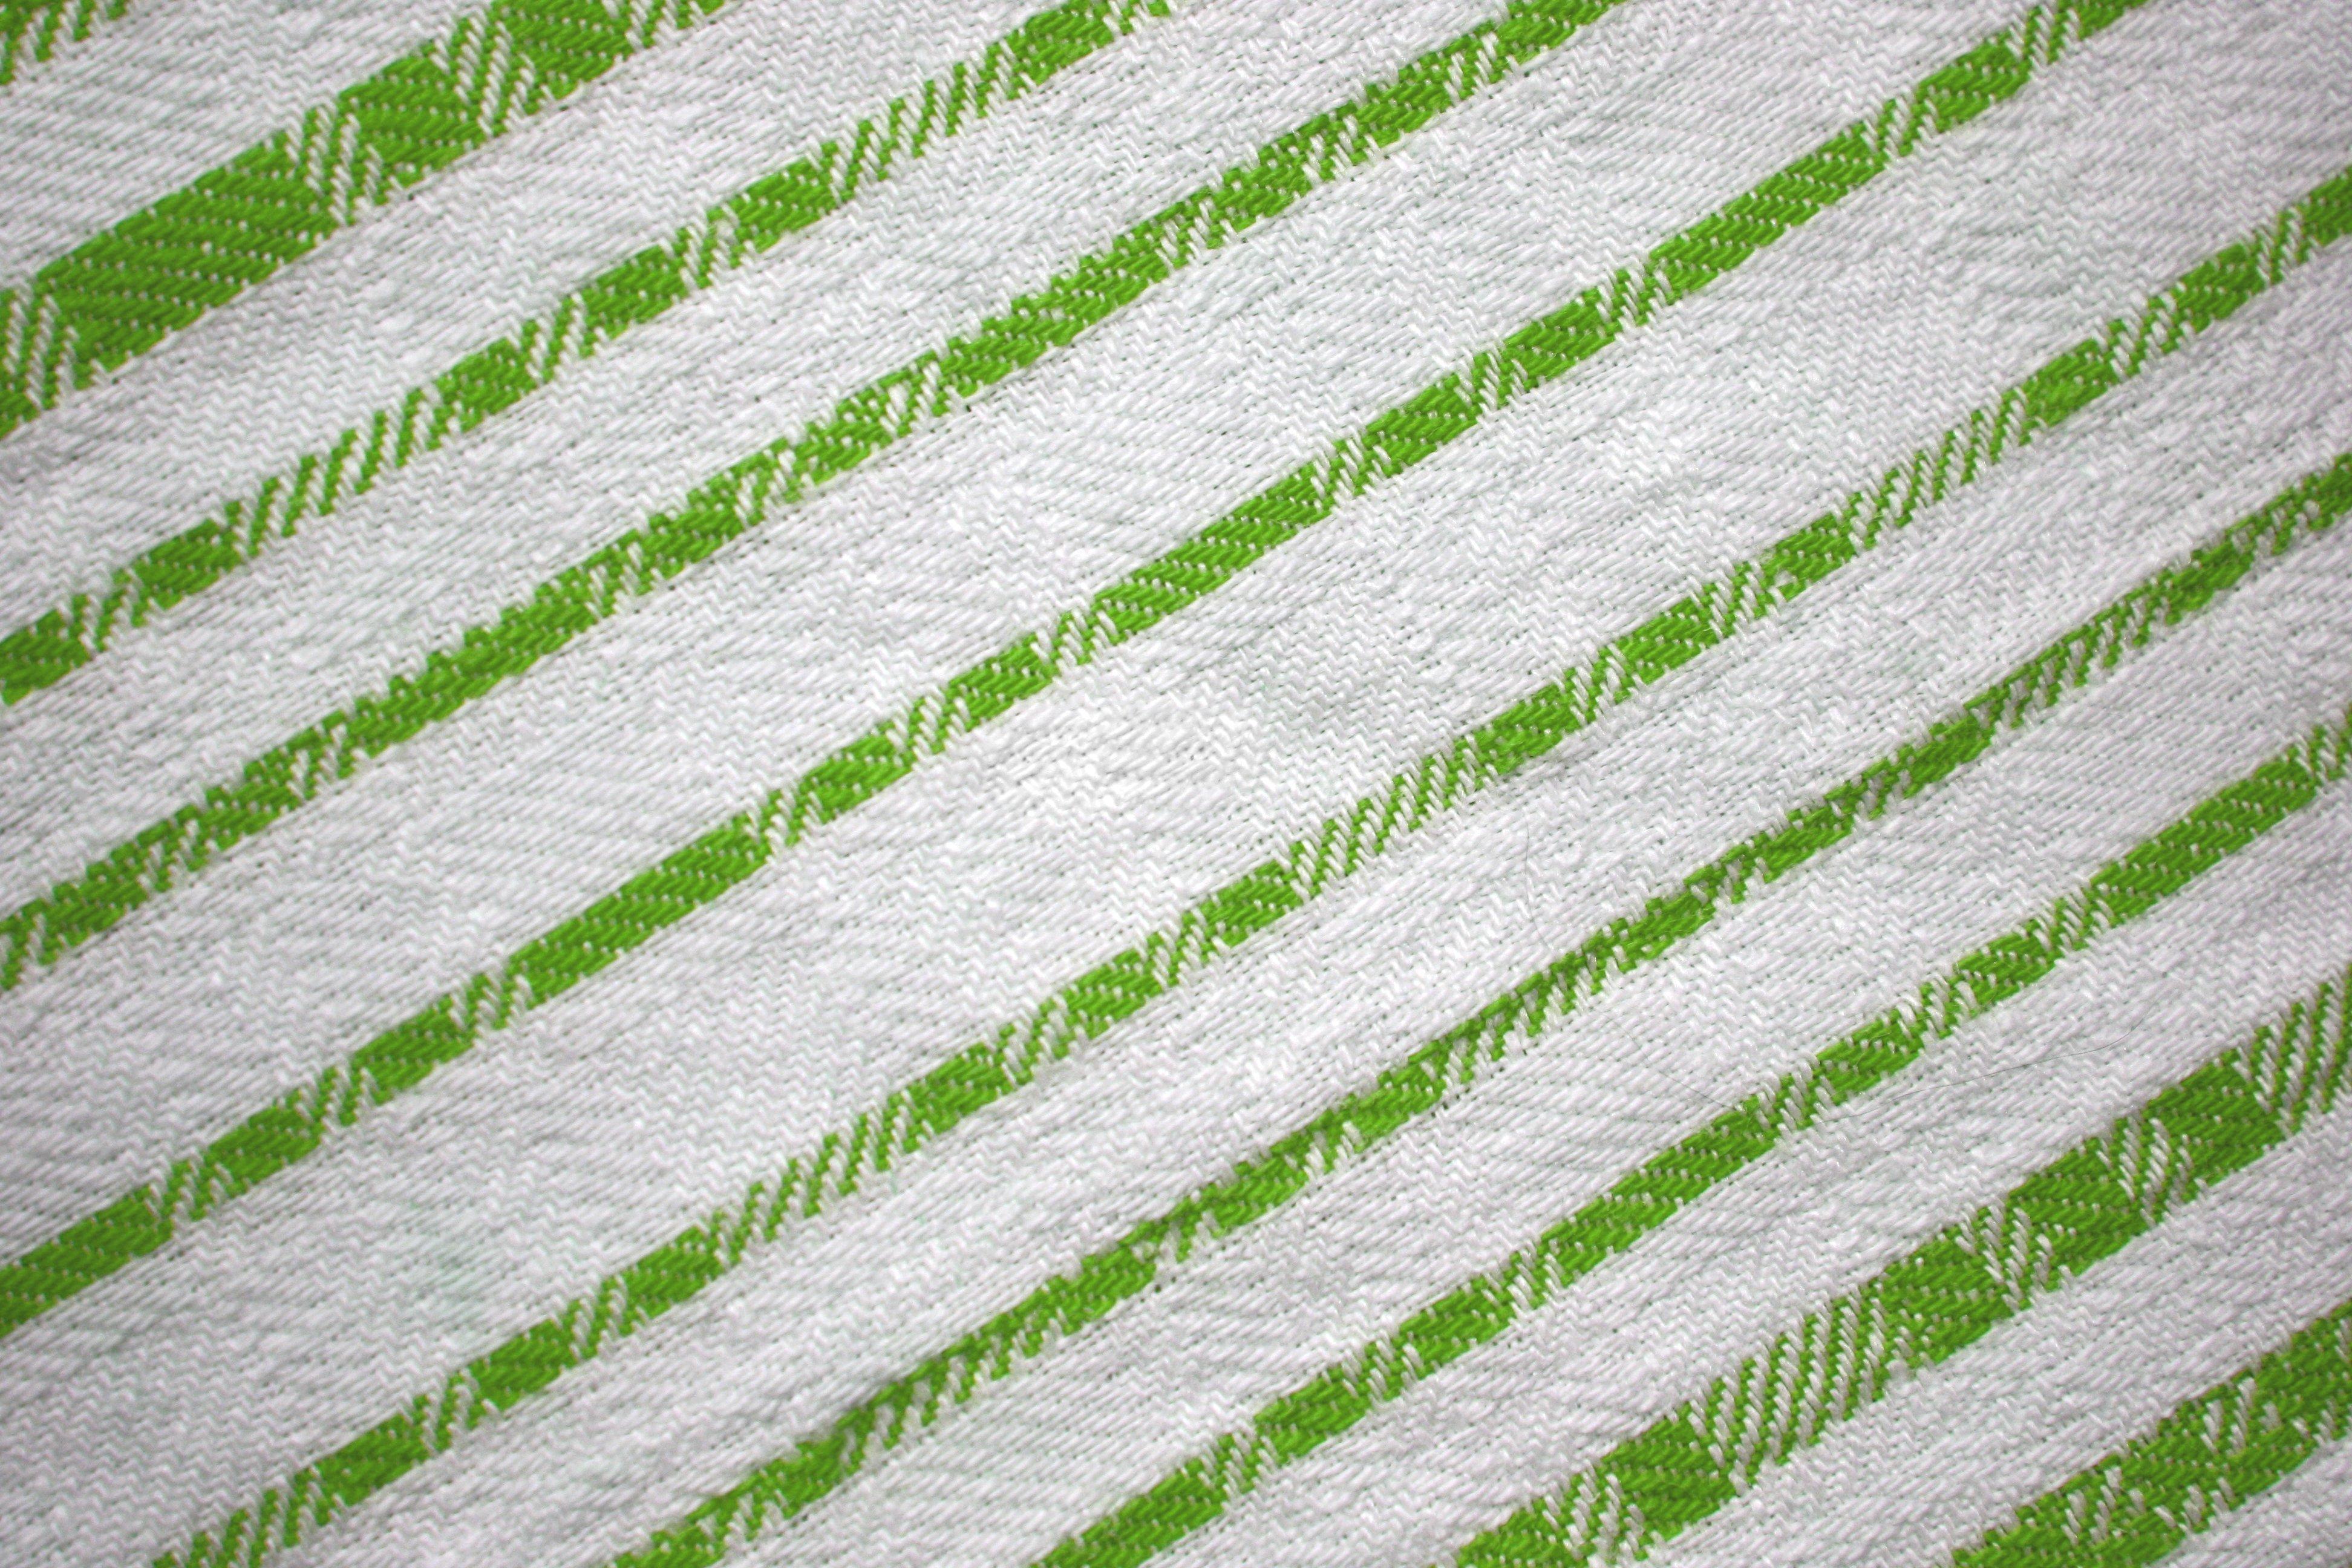 Lime Green On White Diagonal Stripes Fabric Texture